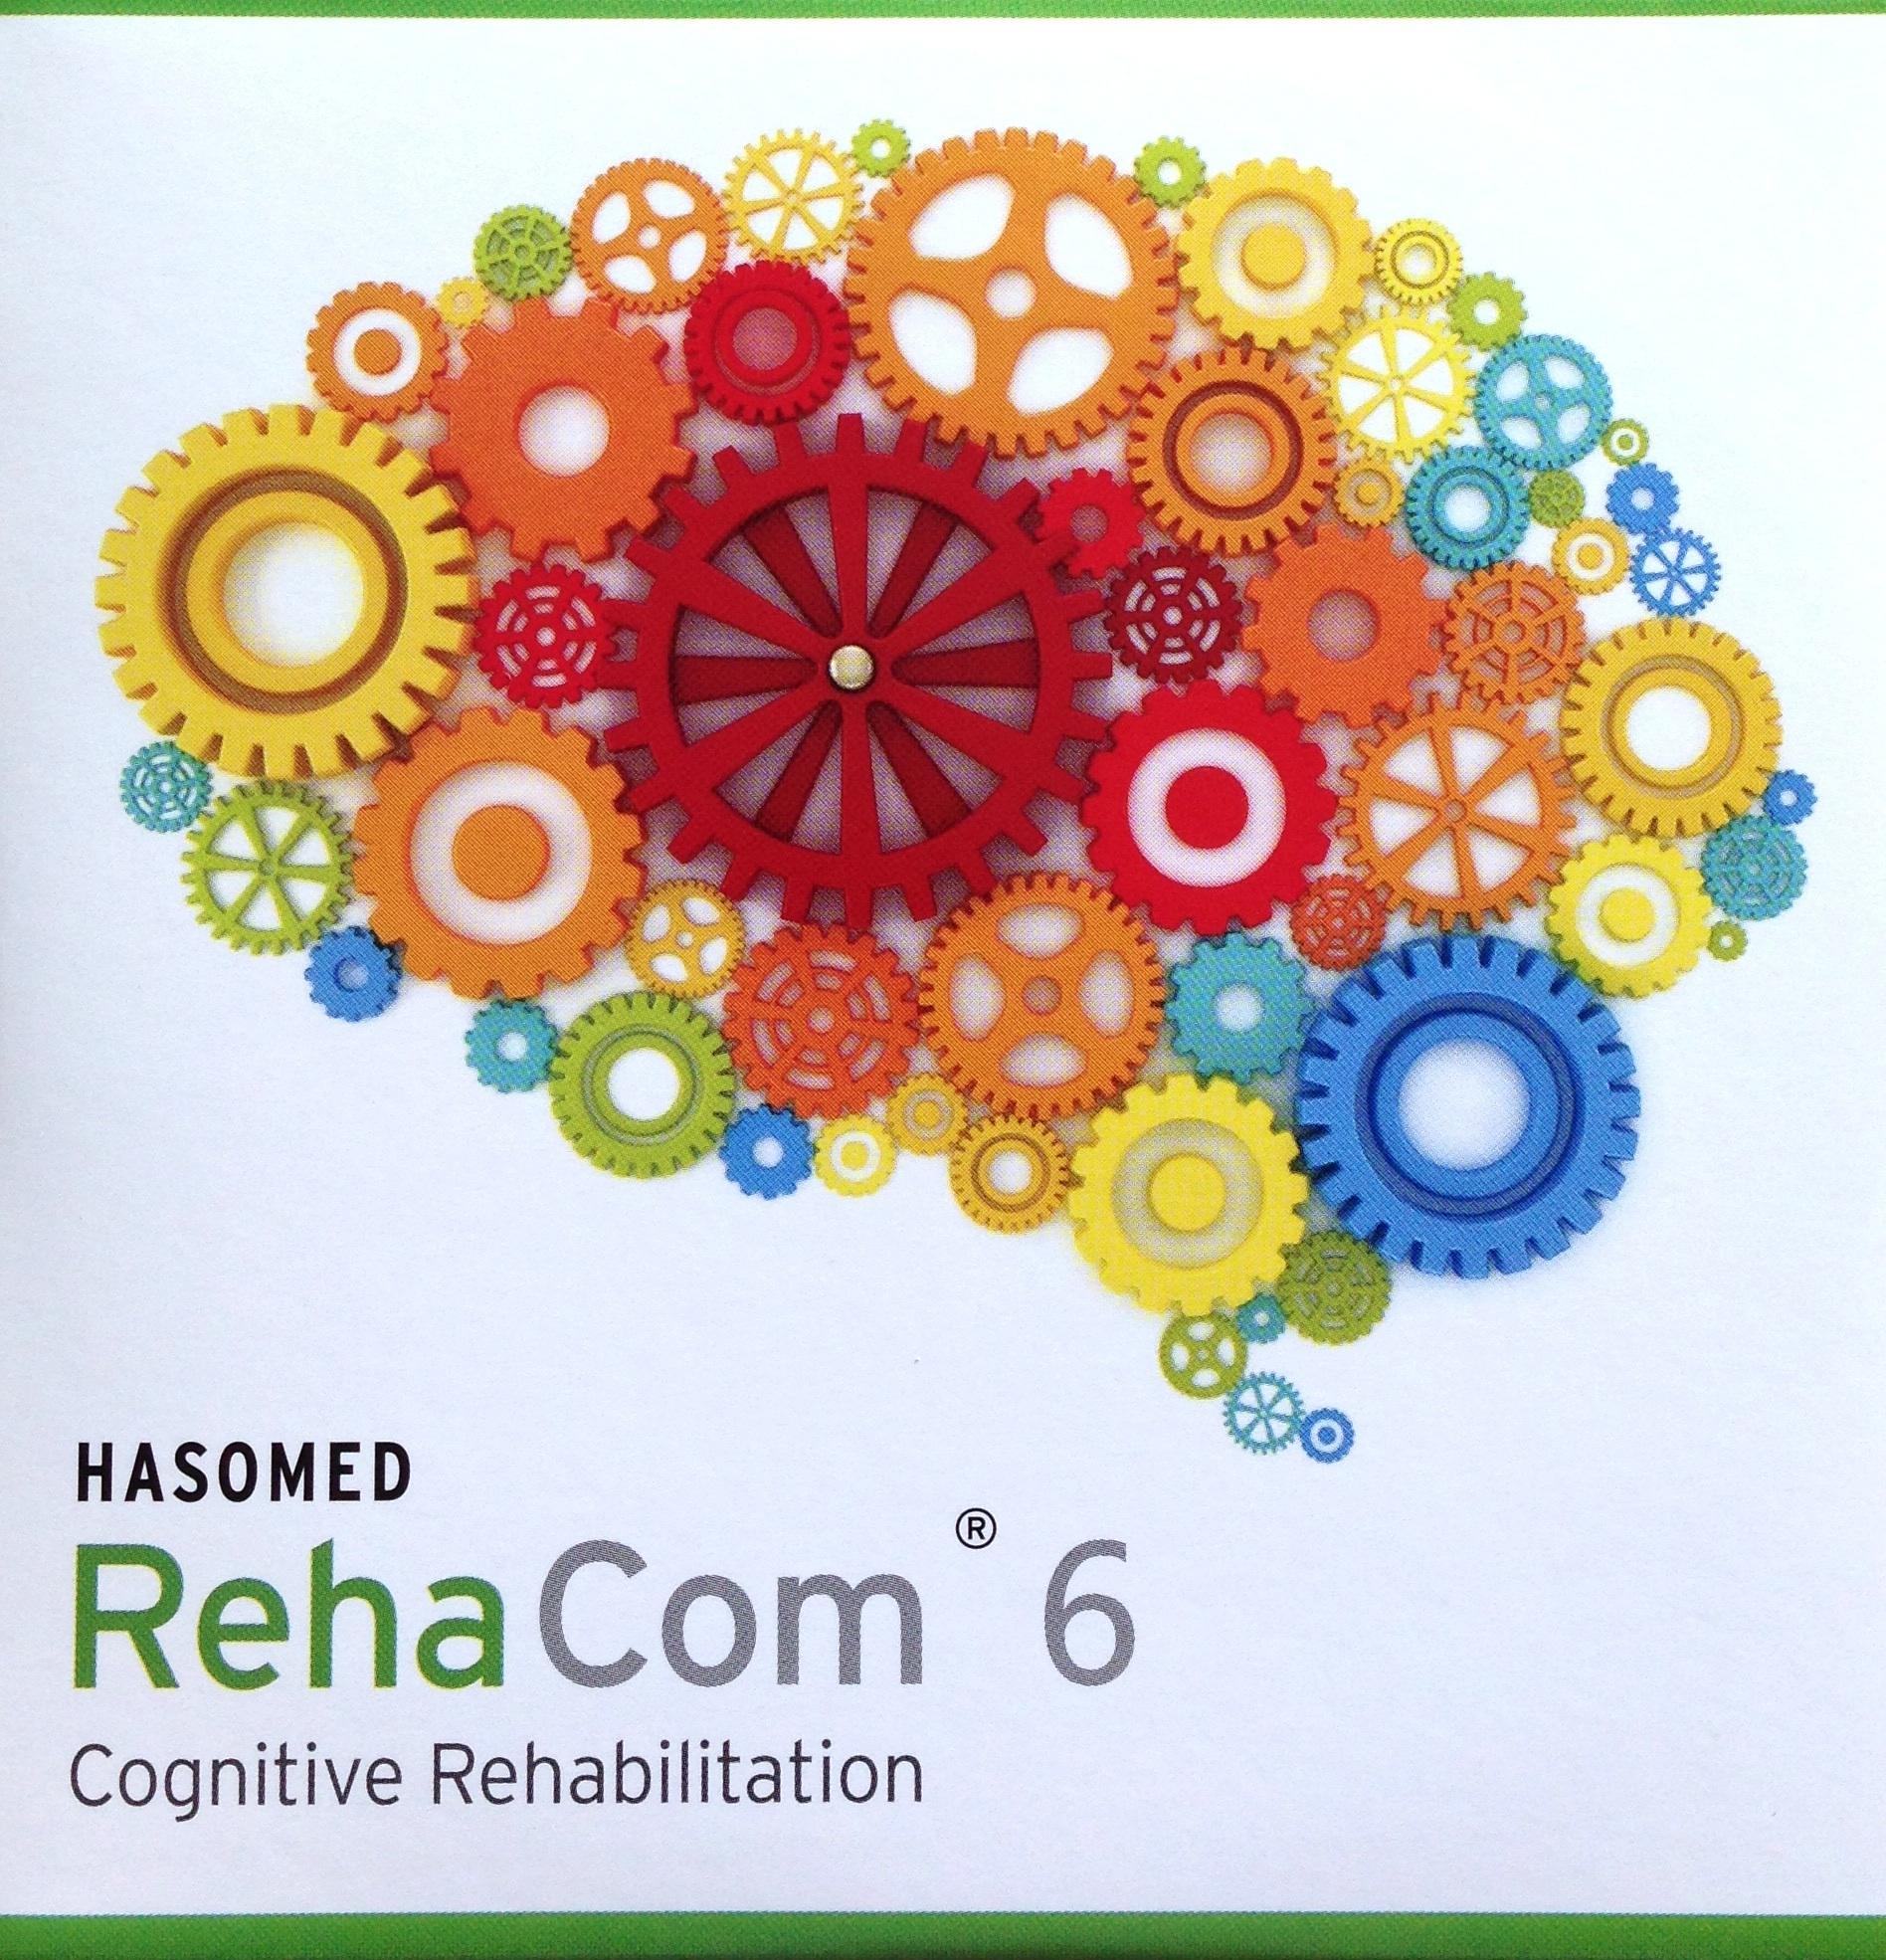 RehaCom software for cognitive rehabilitation